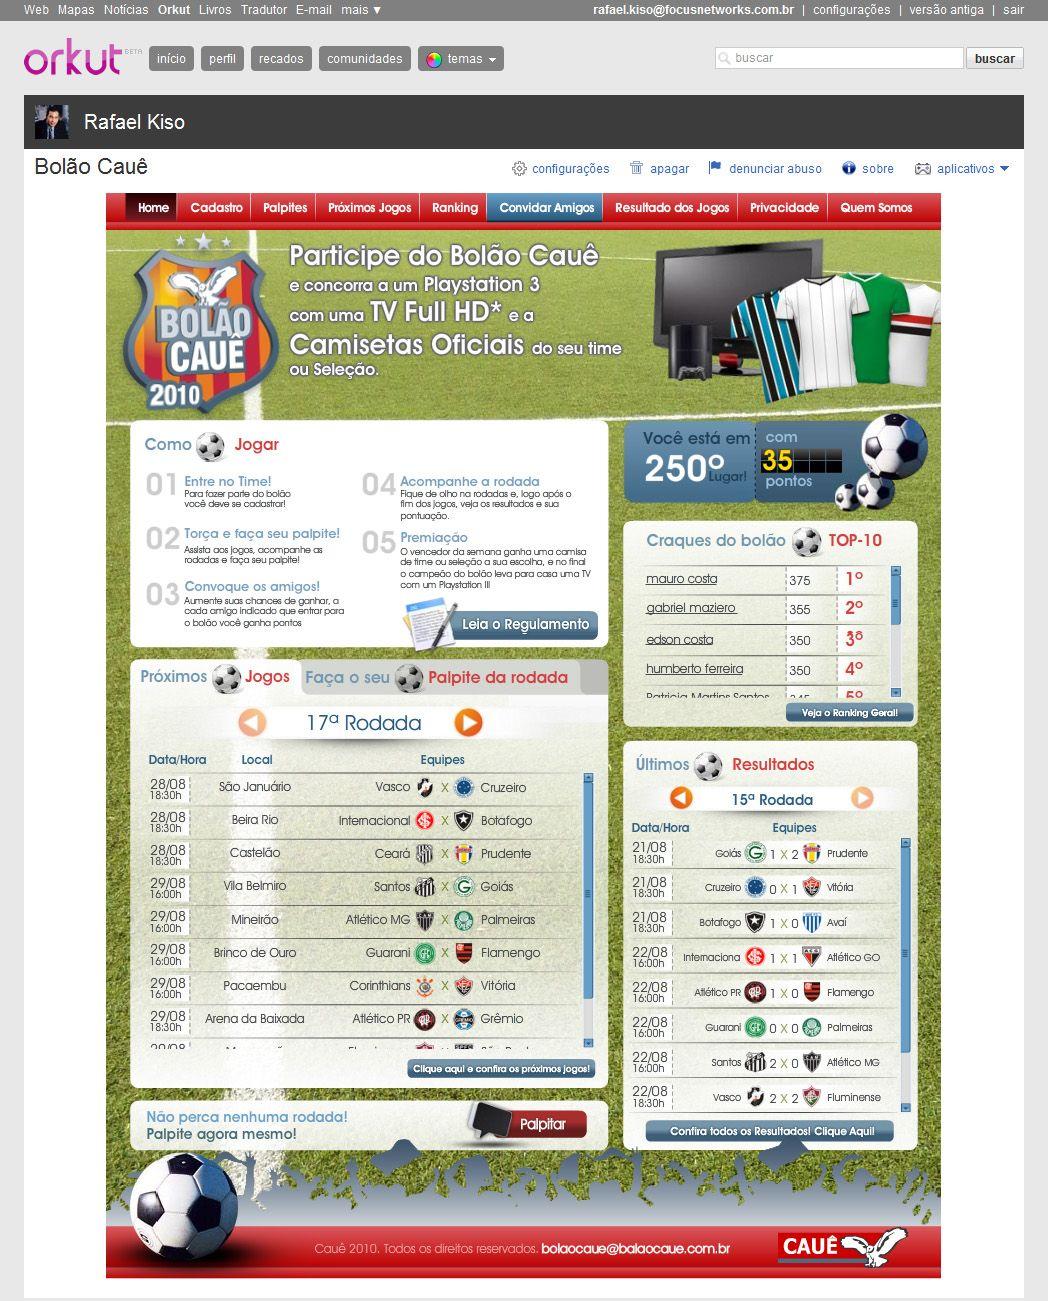 Bolão Cimentos Cauê no Orkut. App pioneira da Focusnetworks usando a API do Orkut. Target: classe c e d. (2010)